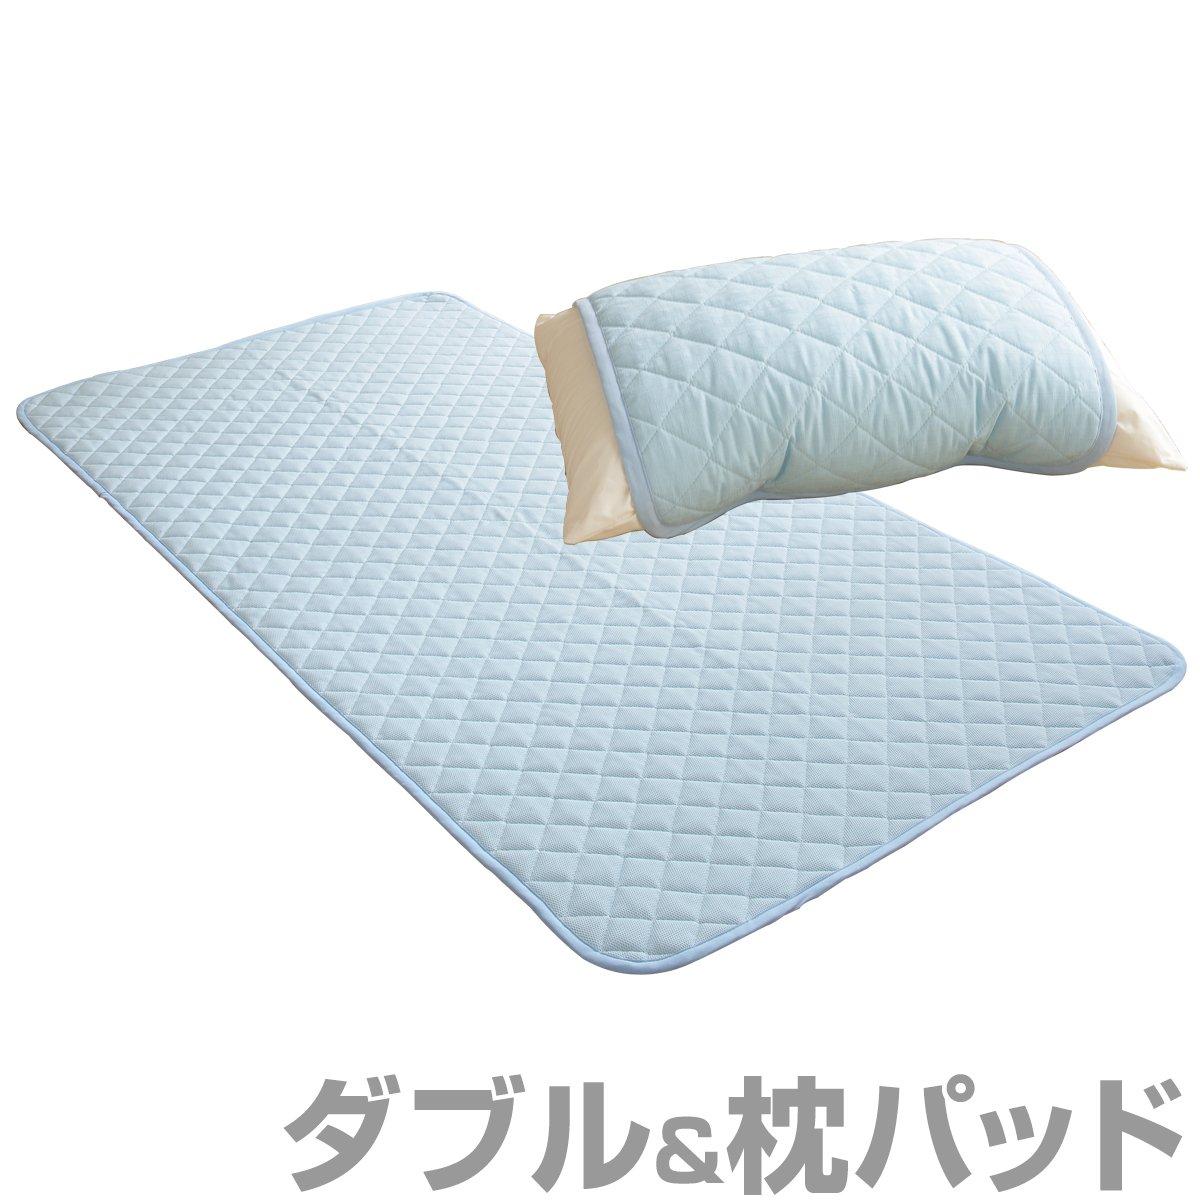 トクナガ クールレイ®敷パッド+枕パッドセット 国産 ダブル ブルー CRAMPS-3BL B01HT88S5E ブルー